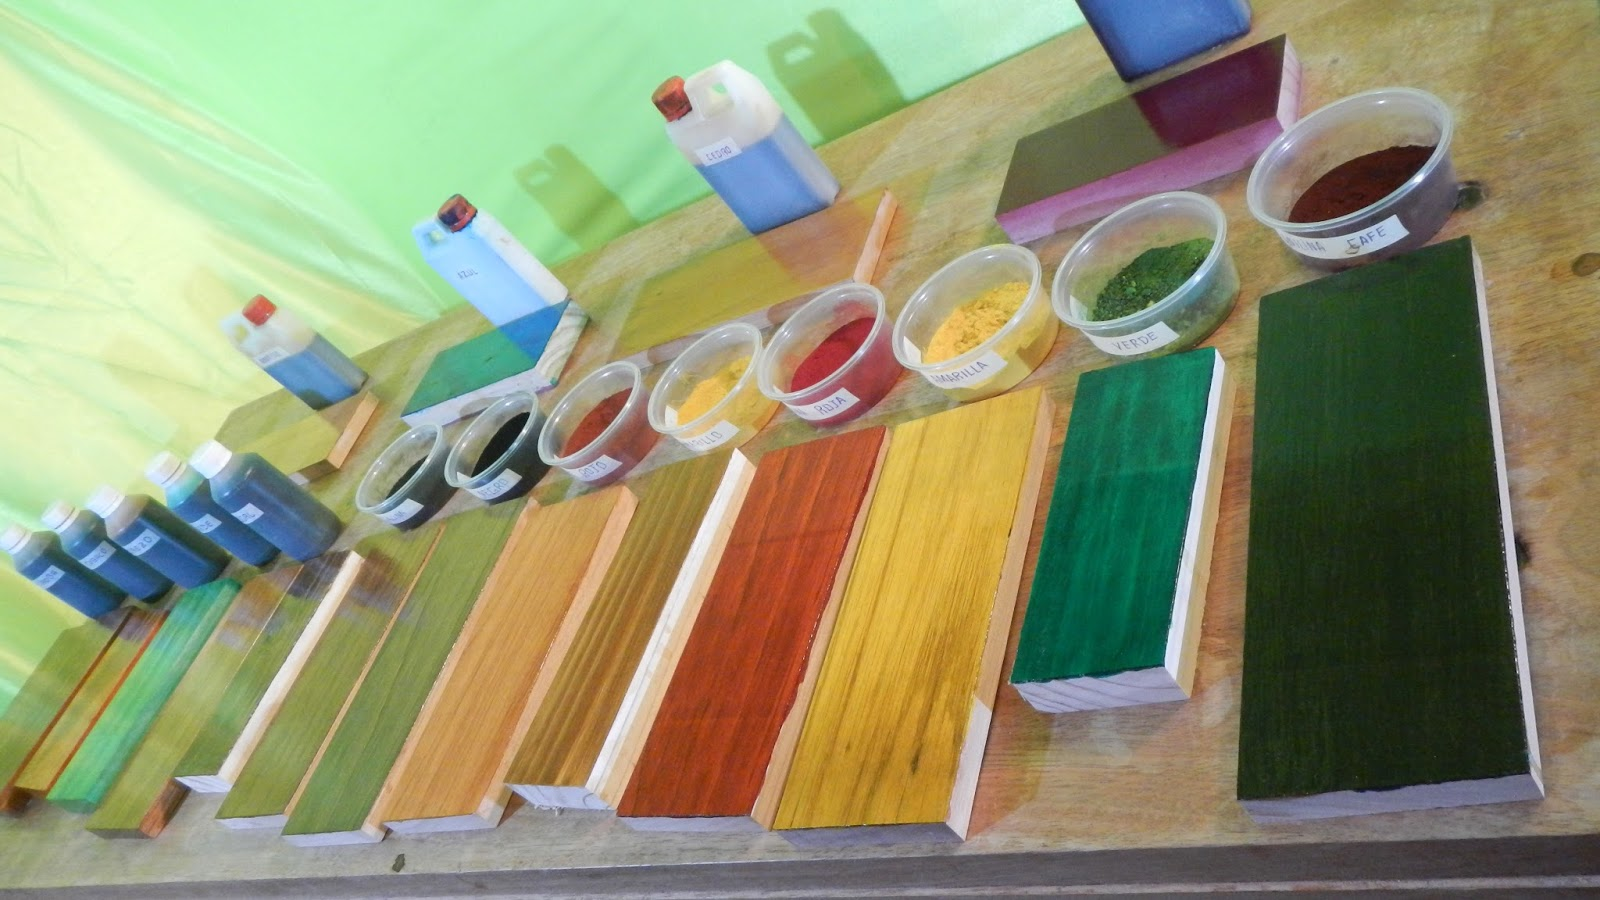 Decoraciones manualidades en madera que son los tintes de - Tinte para madera casero ...